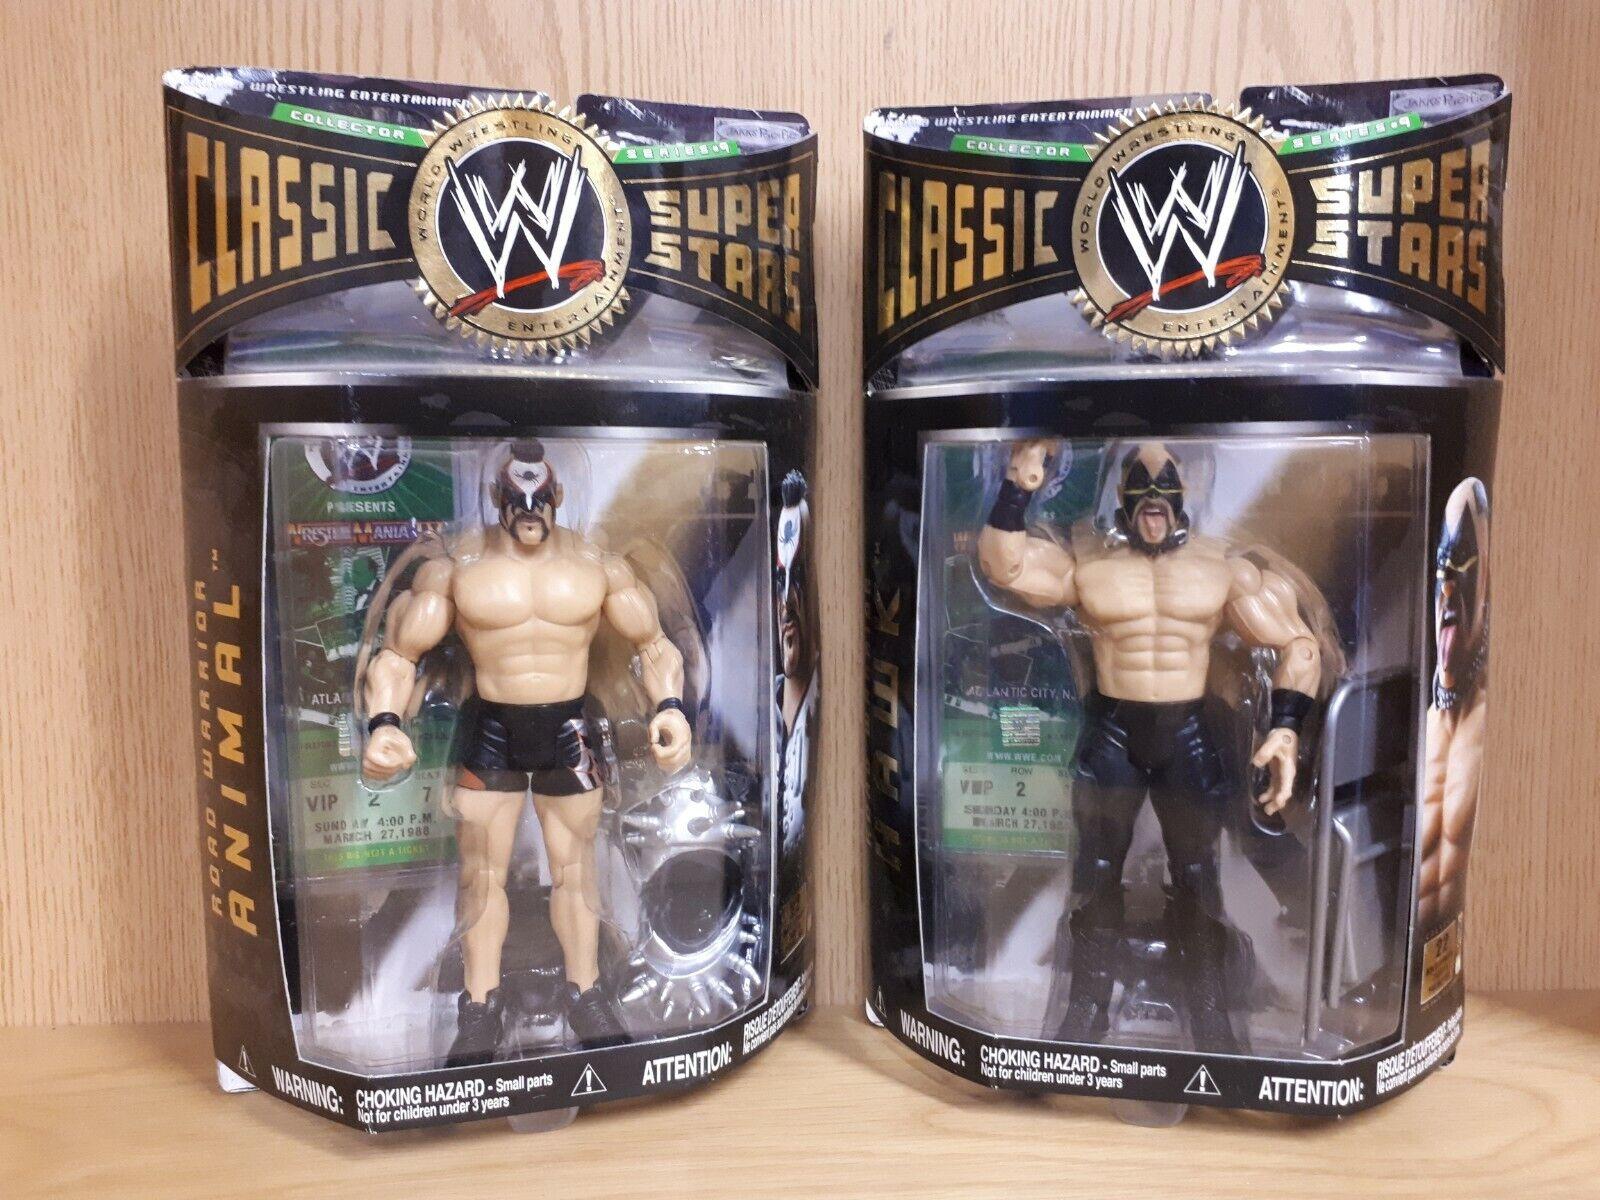 WWE Classic Superstars les guerriers de la Route-HAWK ET ANIMAL Series 9 WWF 6 7  Figure